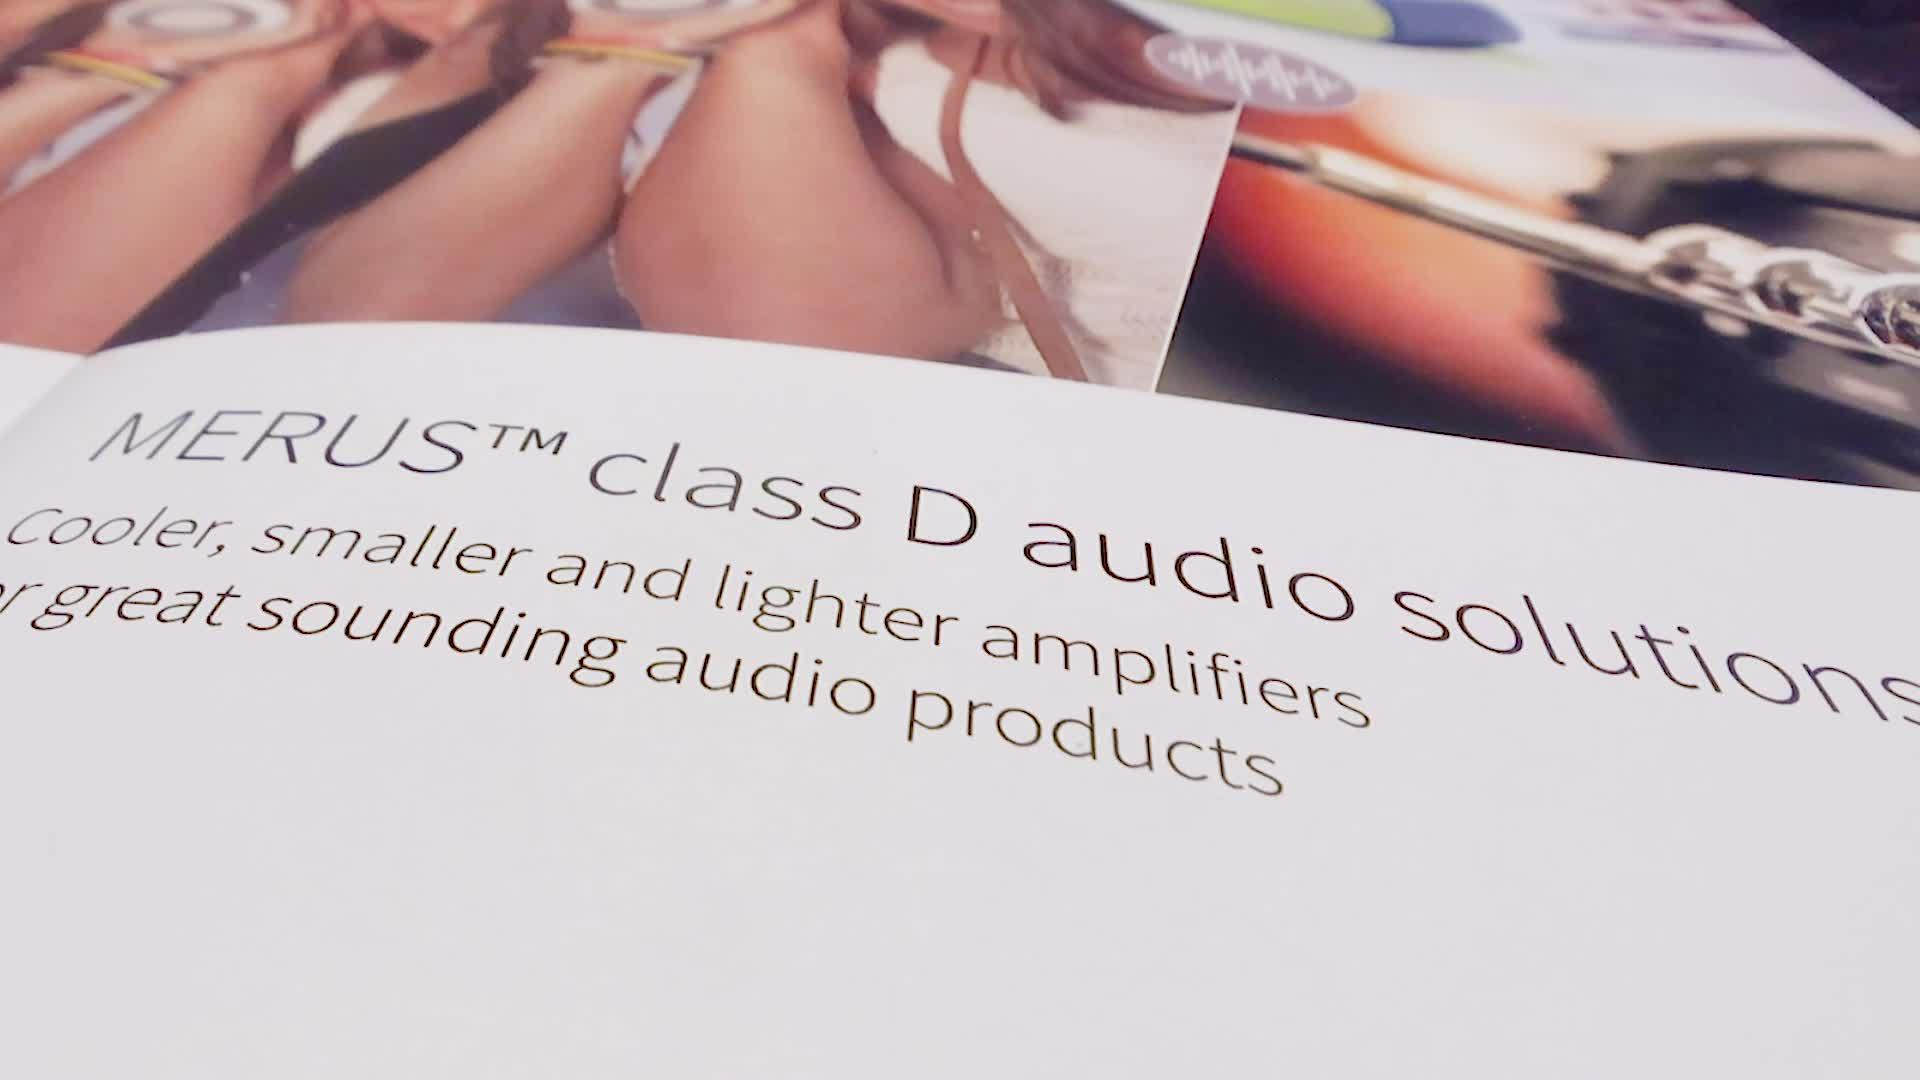 Infineon's MERUS™ class D audio solutions @ CES 2019